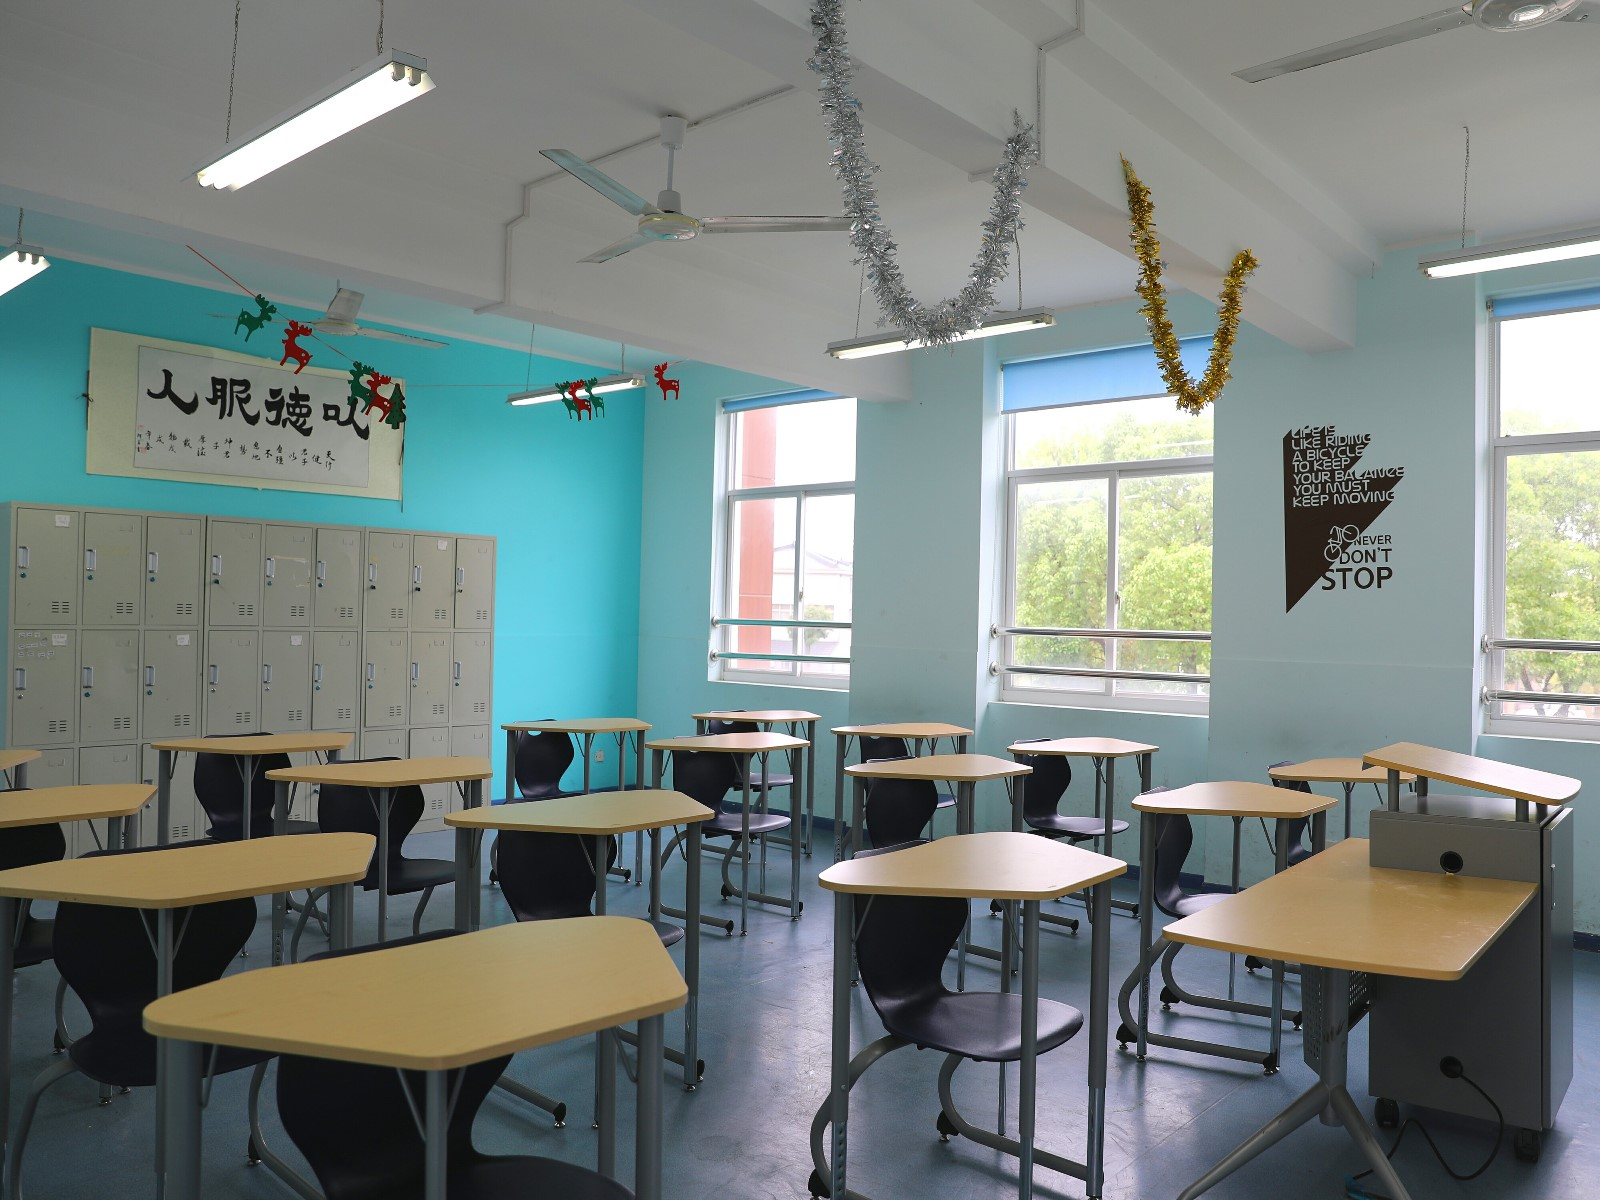 斯代文森教室一览(左).jpg